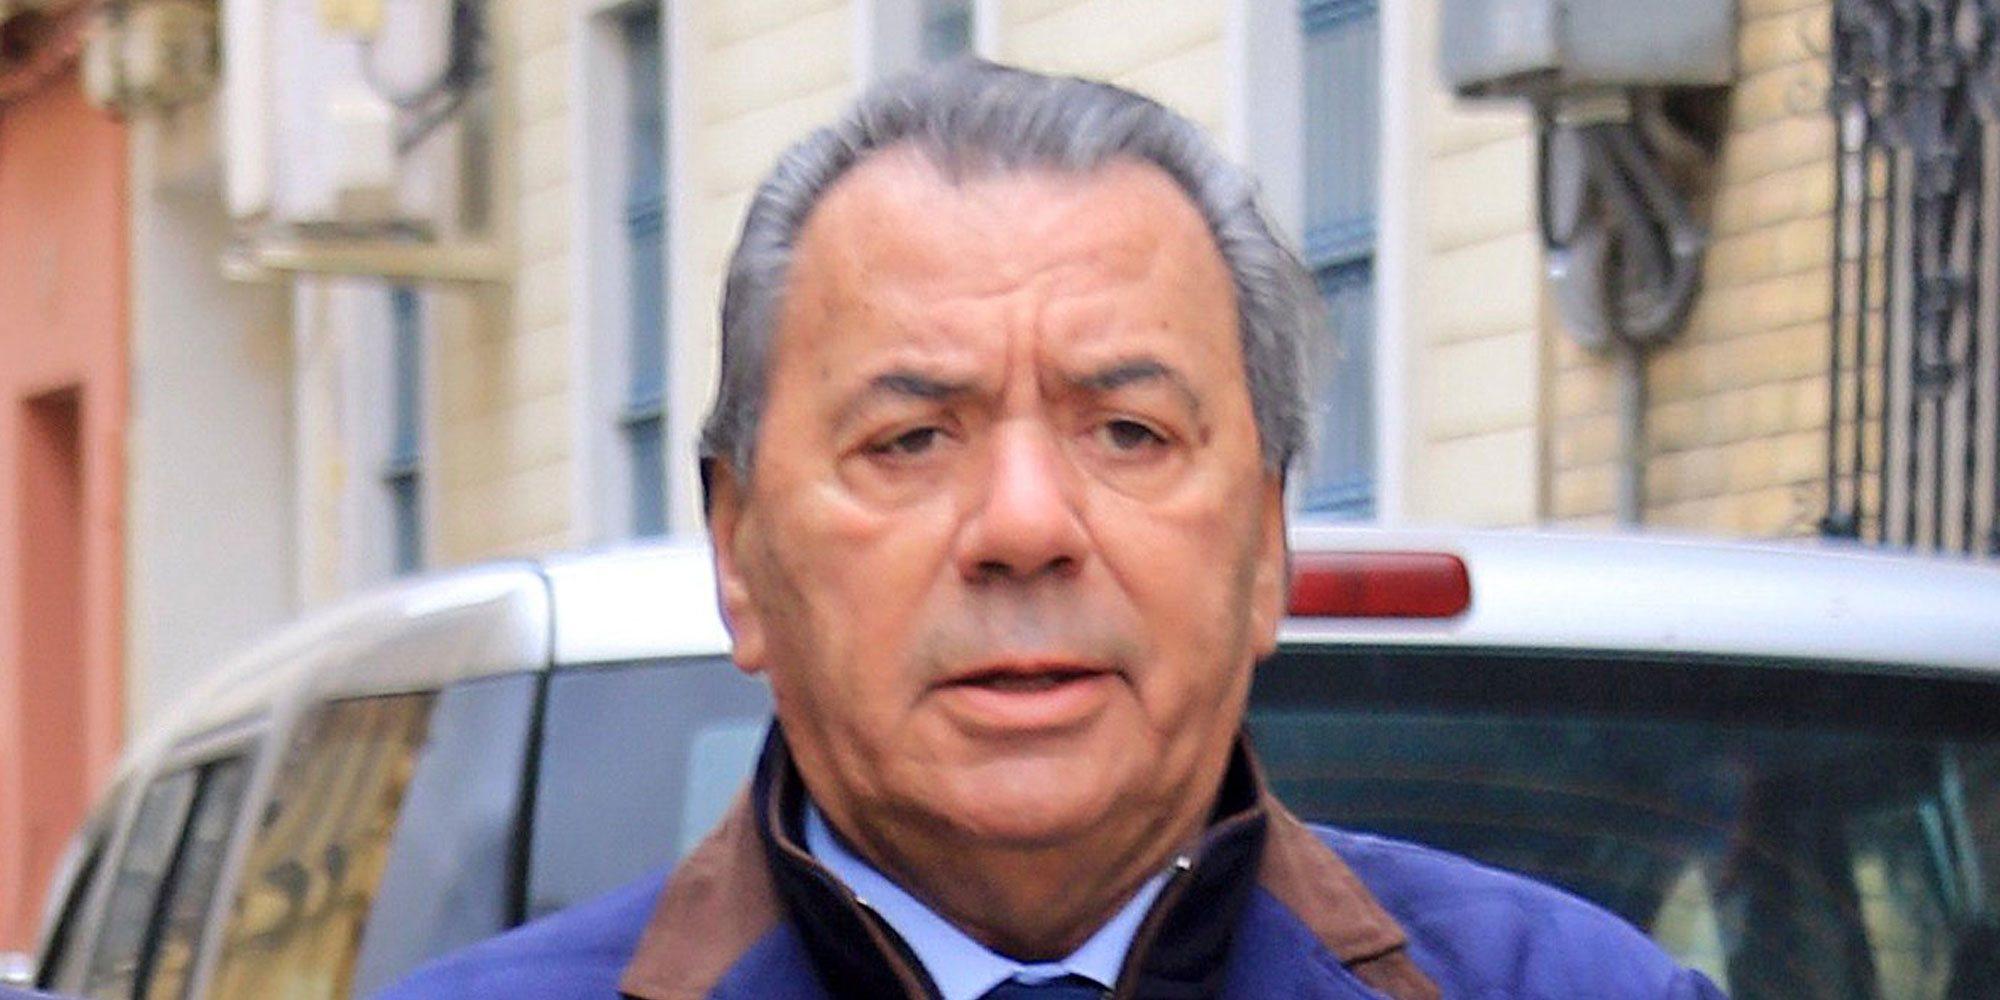 El hijo enfermo y extramatrimonial de Rafael Ruiz (Los del Río) le pide una indemnización por daños morales